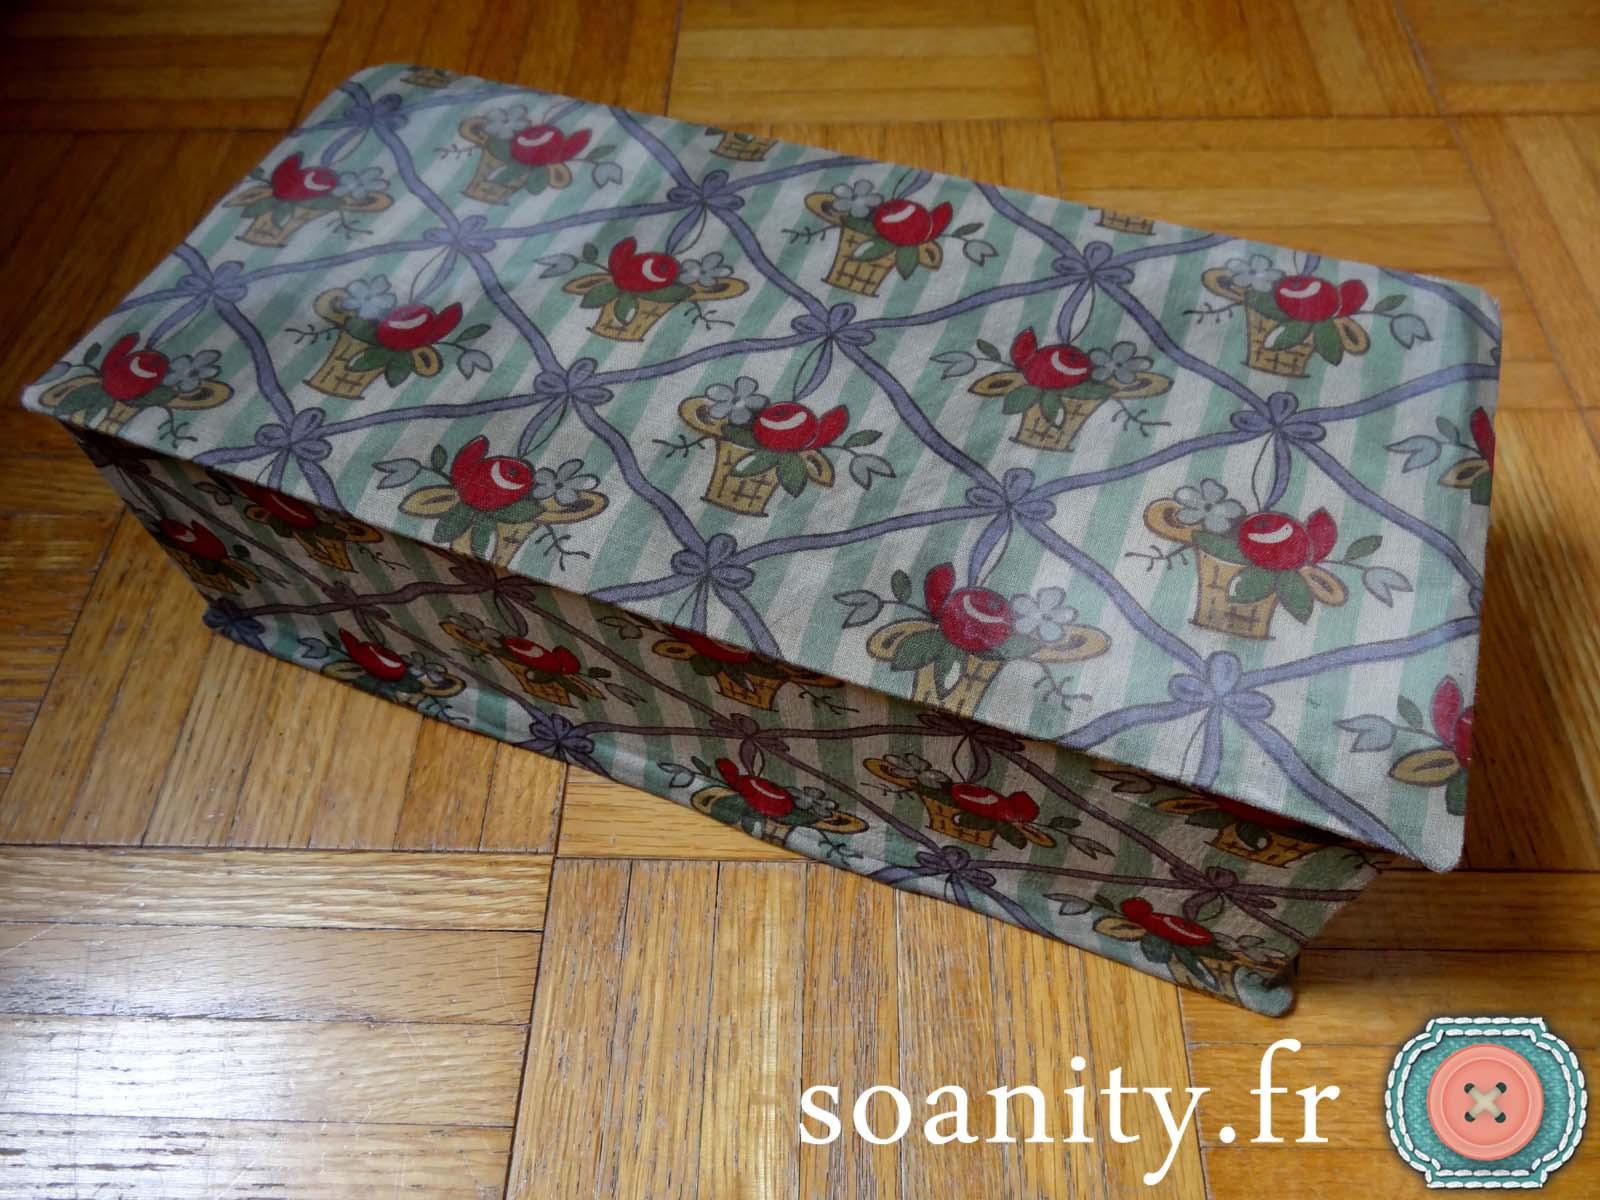 Nouveaut dans le vide cousette boite couture ancienne for Boite a couture vide